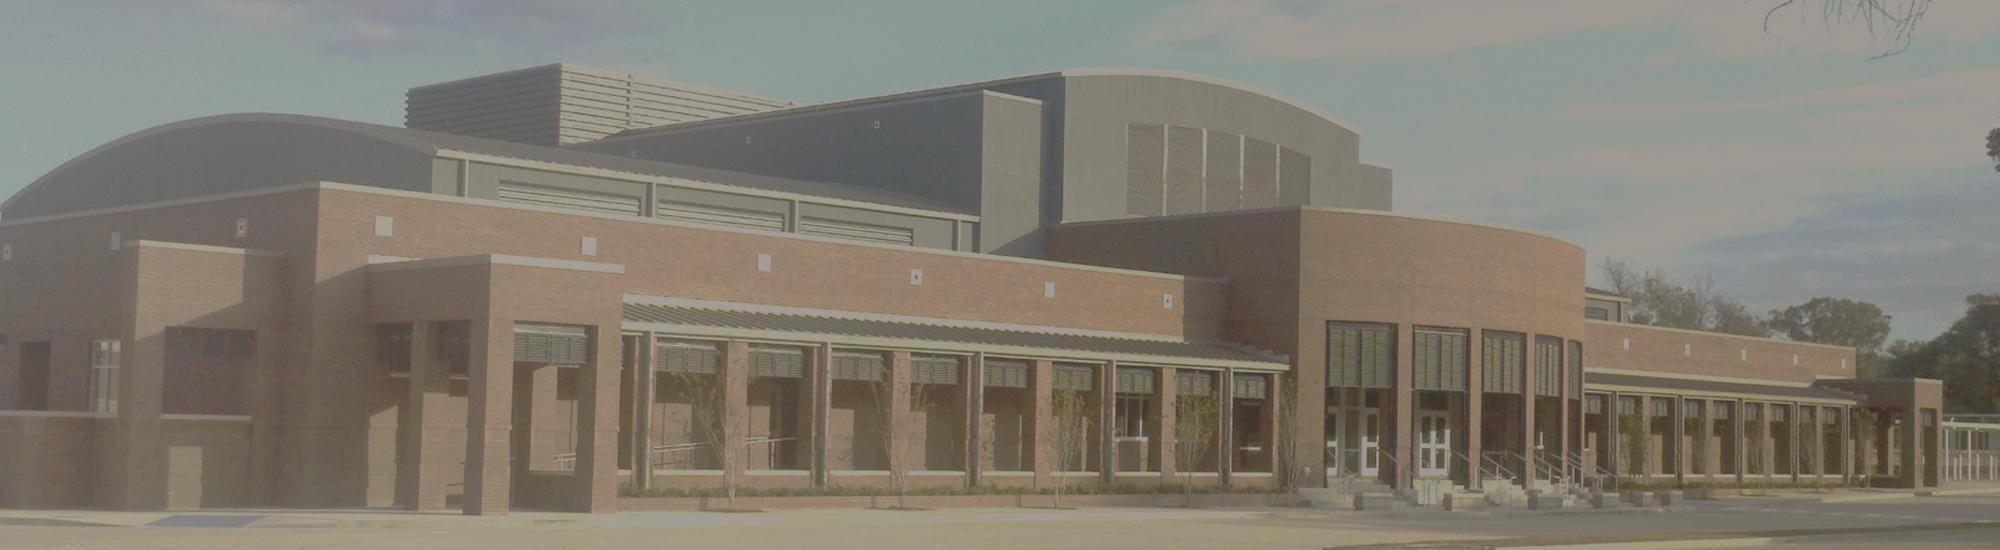 ZHSPA-Auditorium